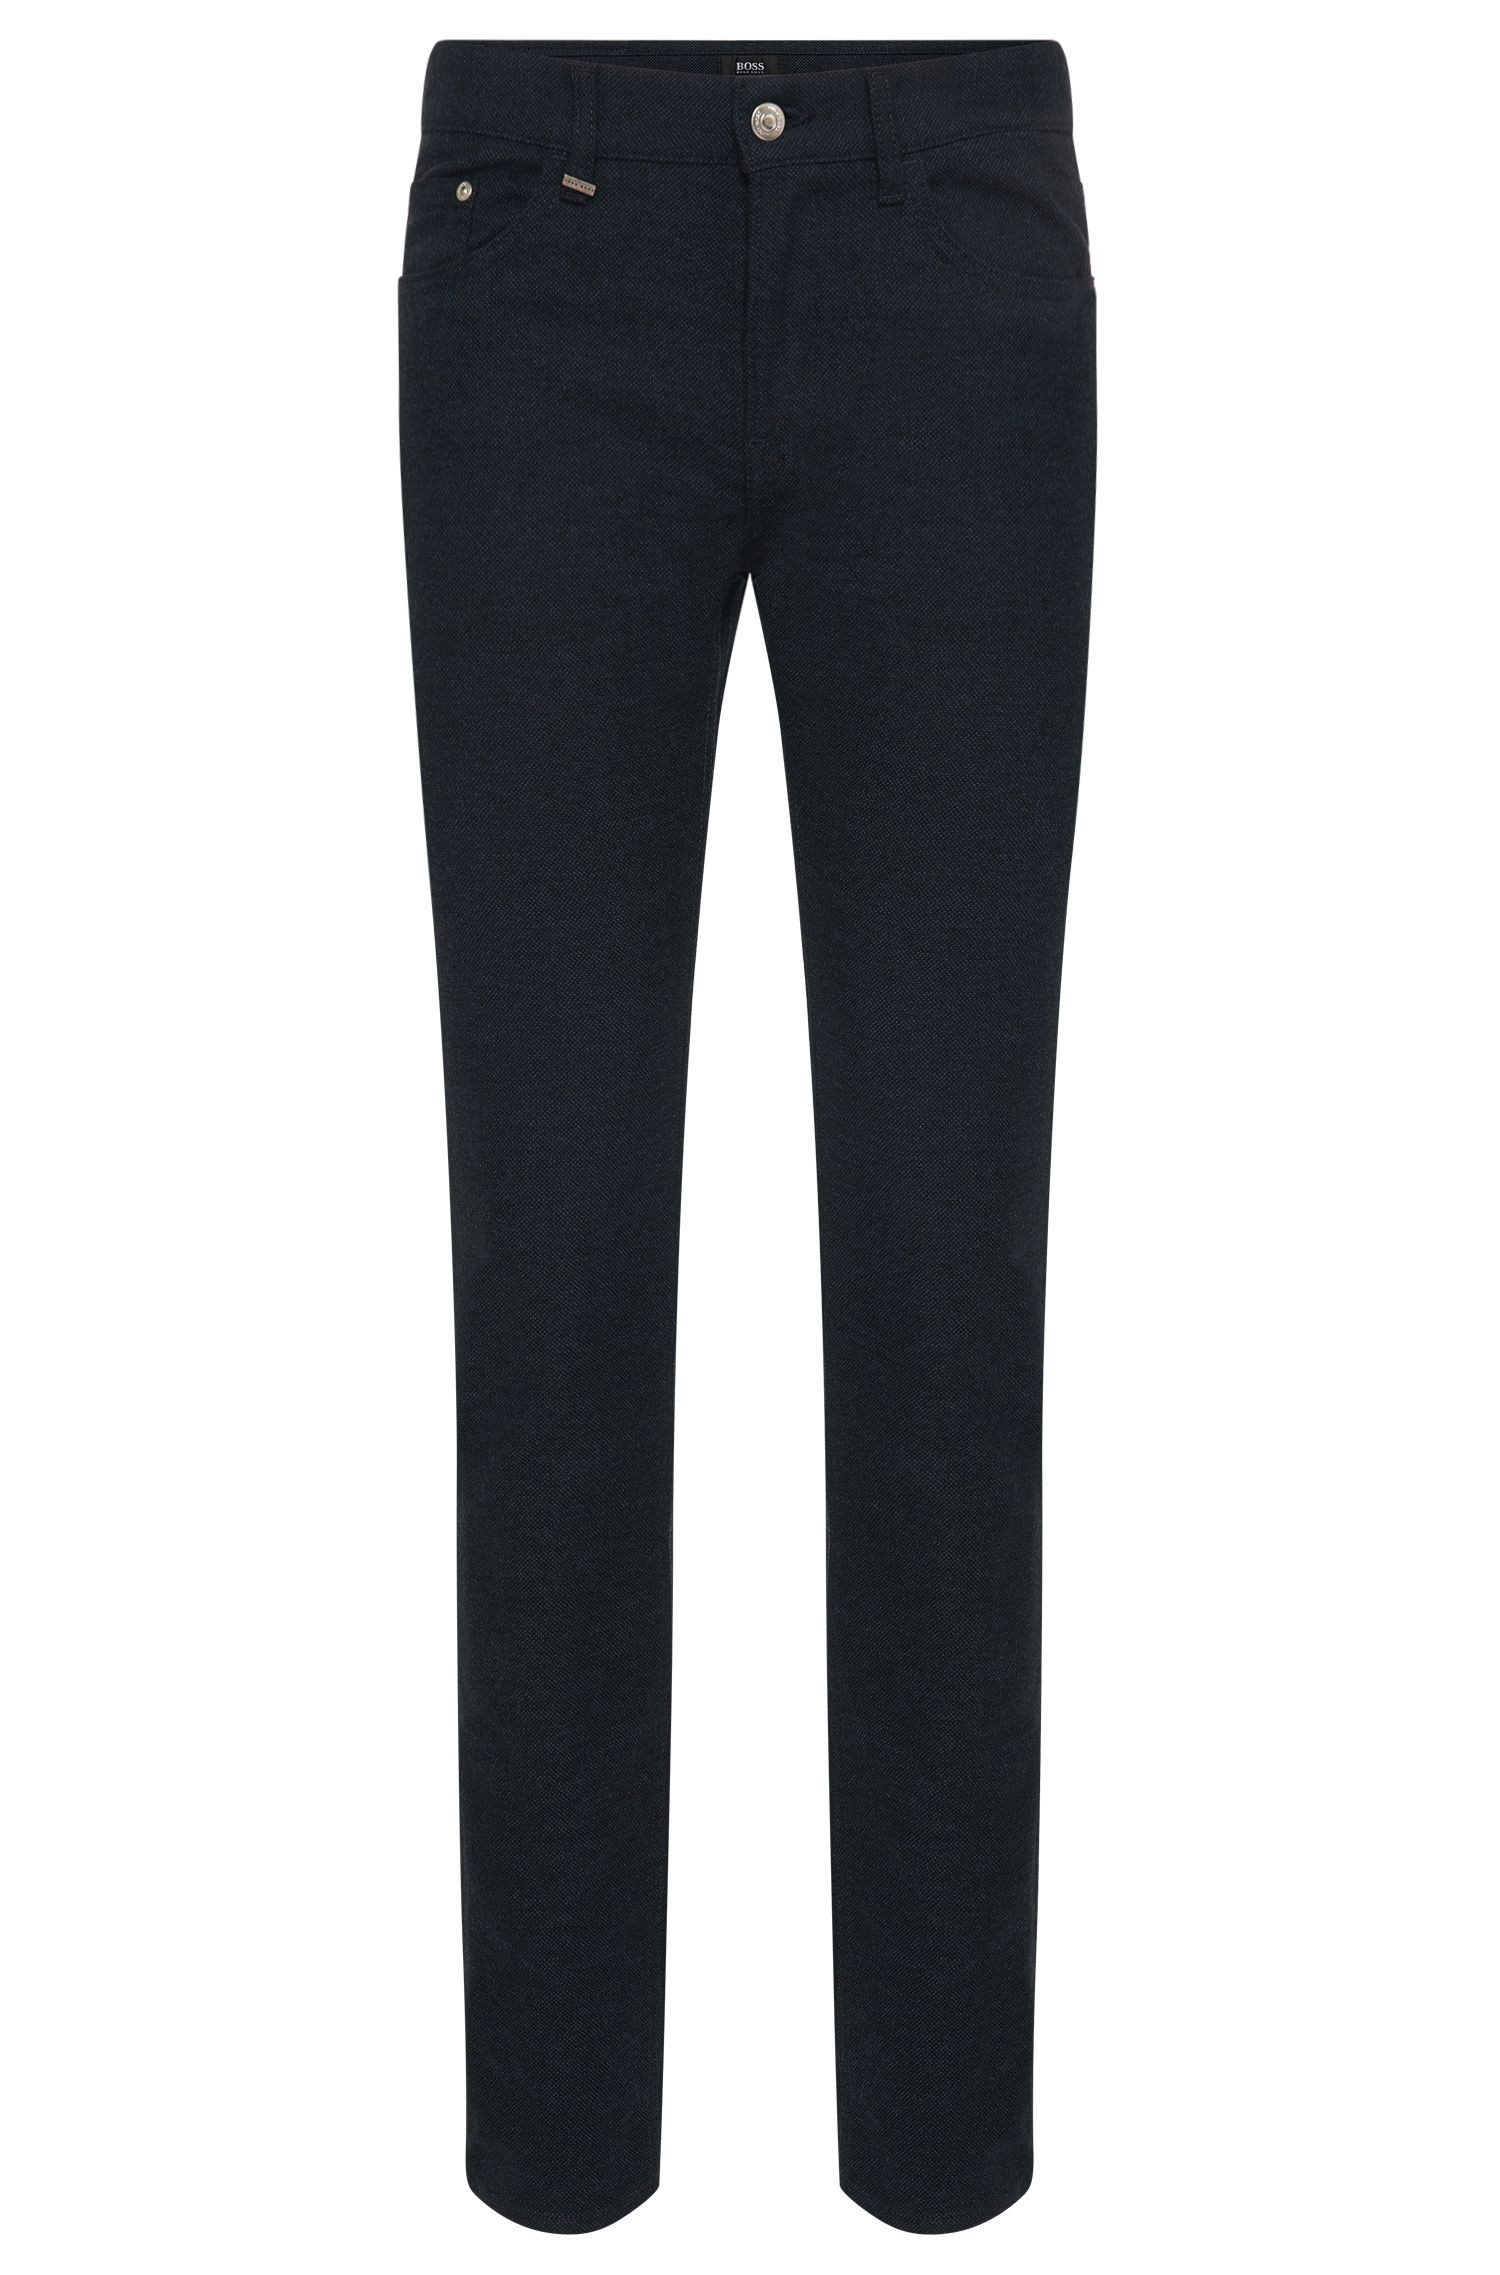 Fein gemusterte Slim-Fit Hose aus elastischem Baumwoll-Mix: 'Delaware4-20'